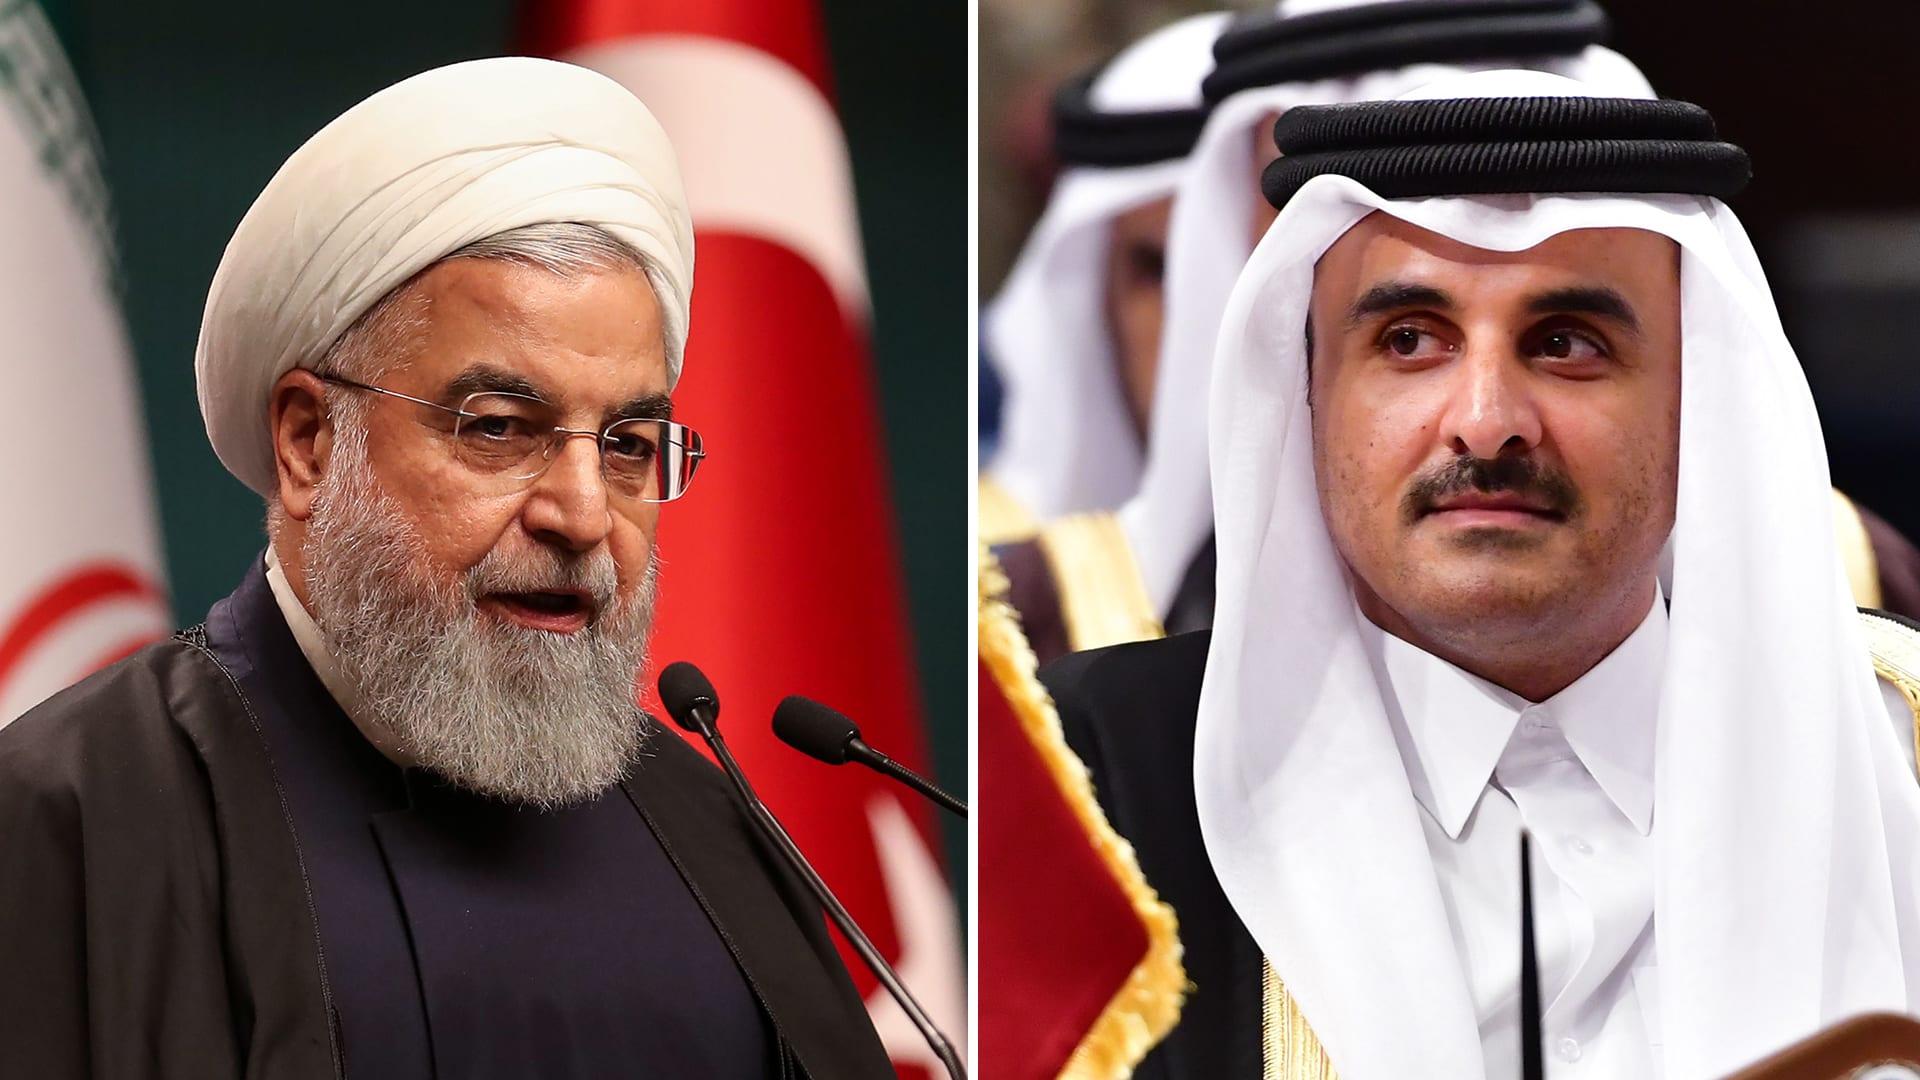 روحاني في اتصال مع أمير قطر: طهران لا تضع أي قيود لتنمية علاقاتها مع الدوحة